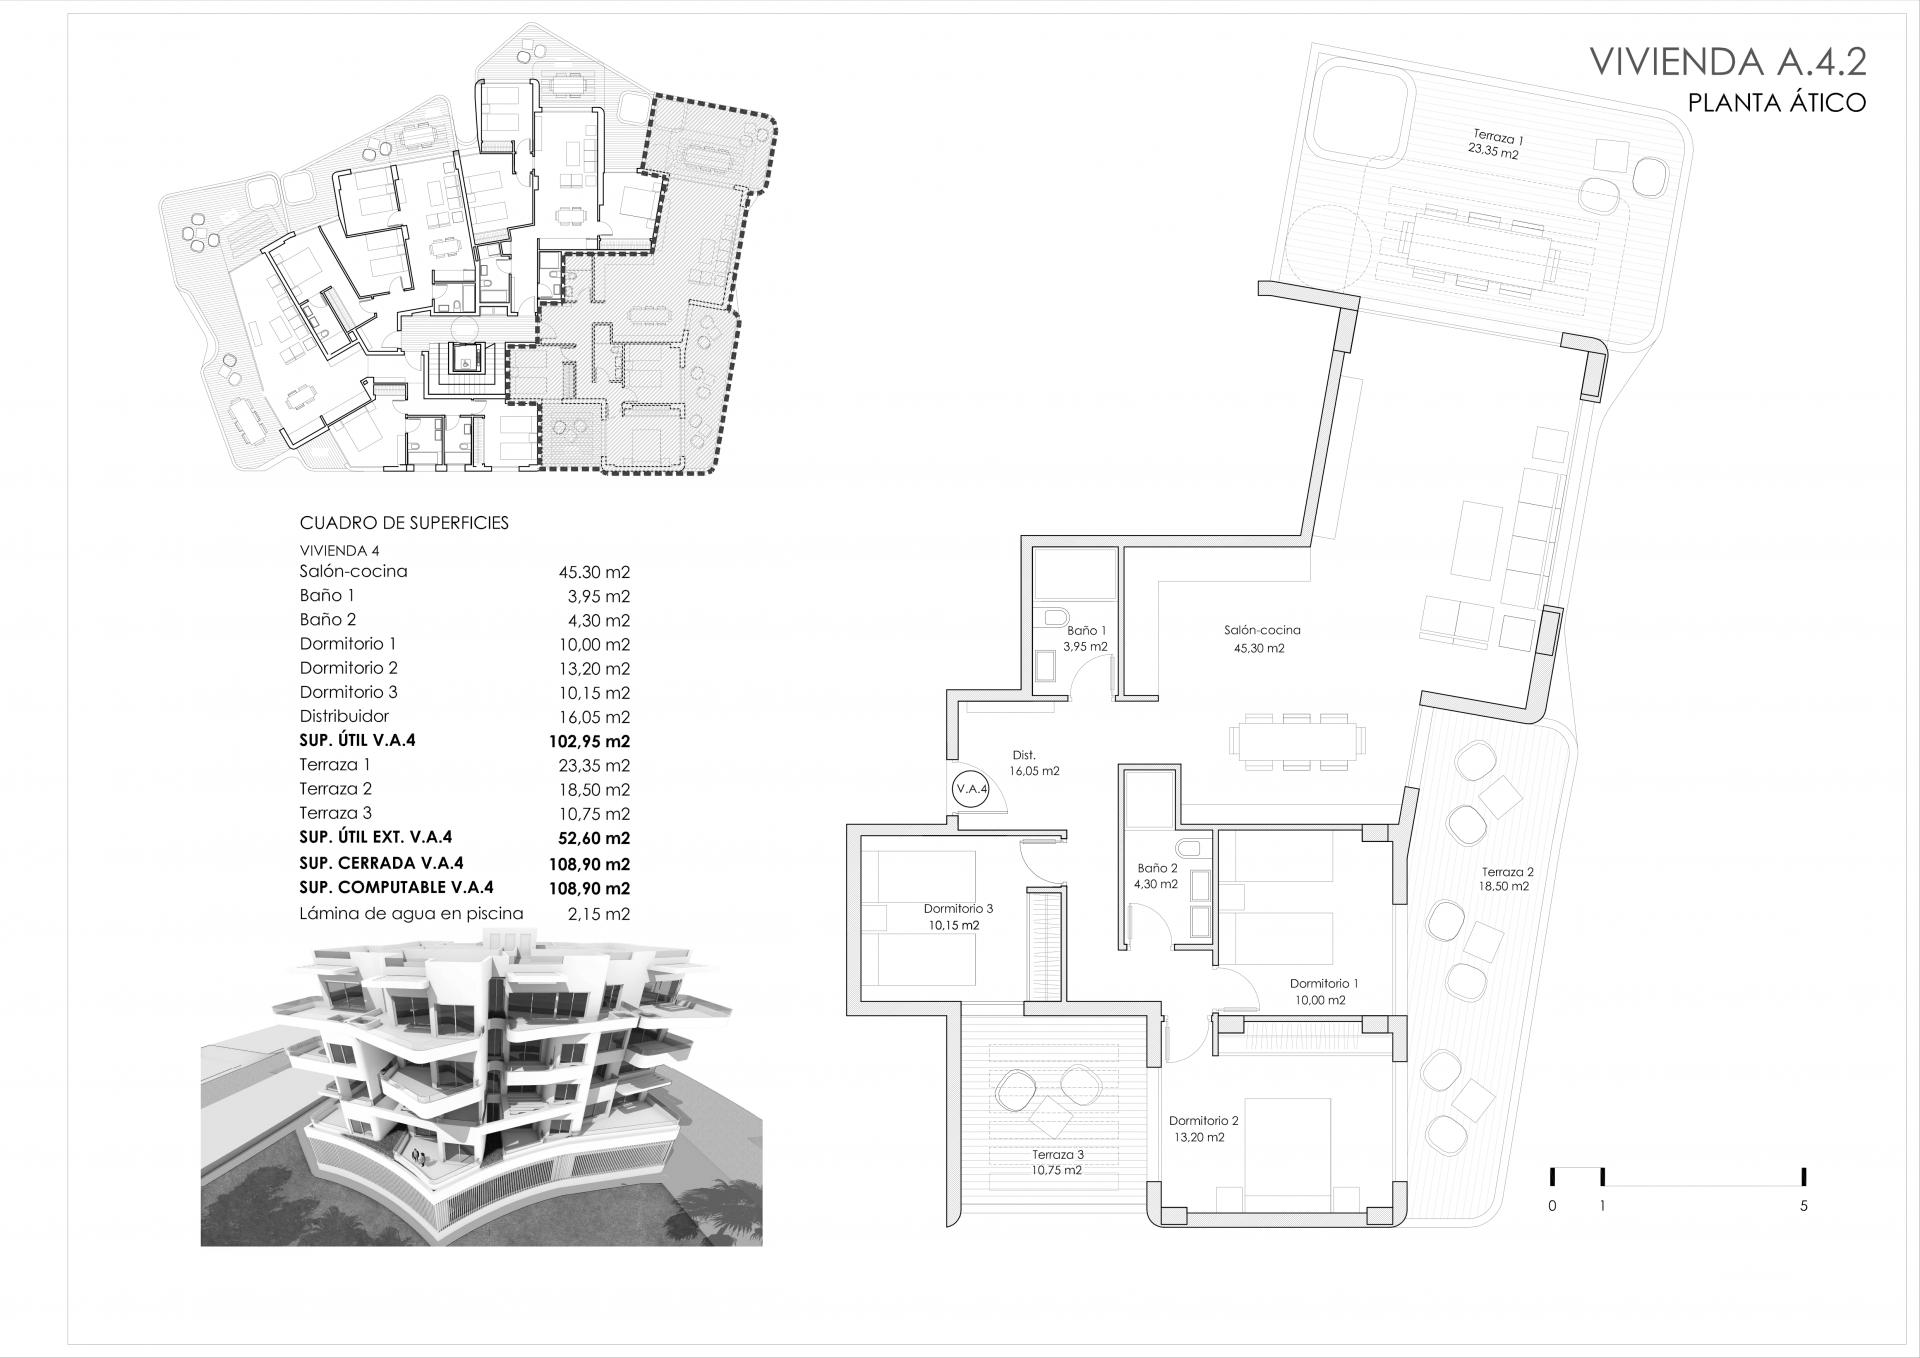 A4.2 - Edificio Ventura Ocean View